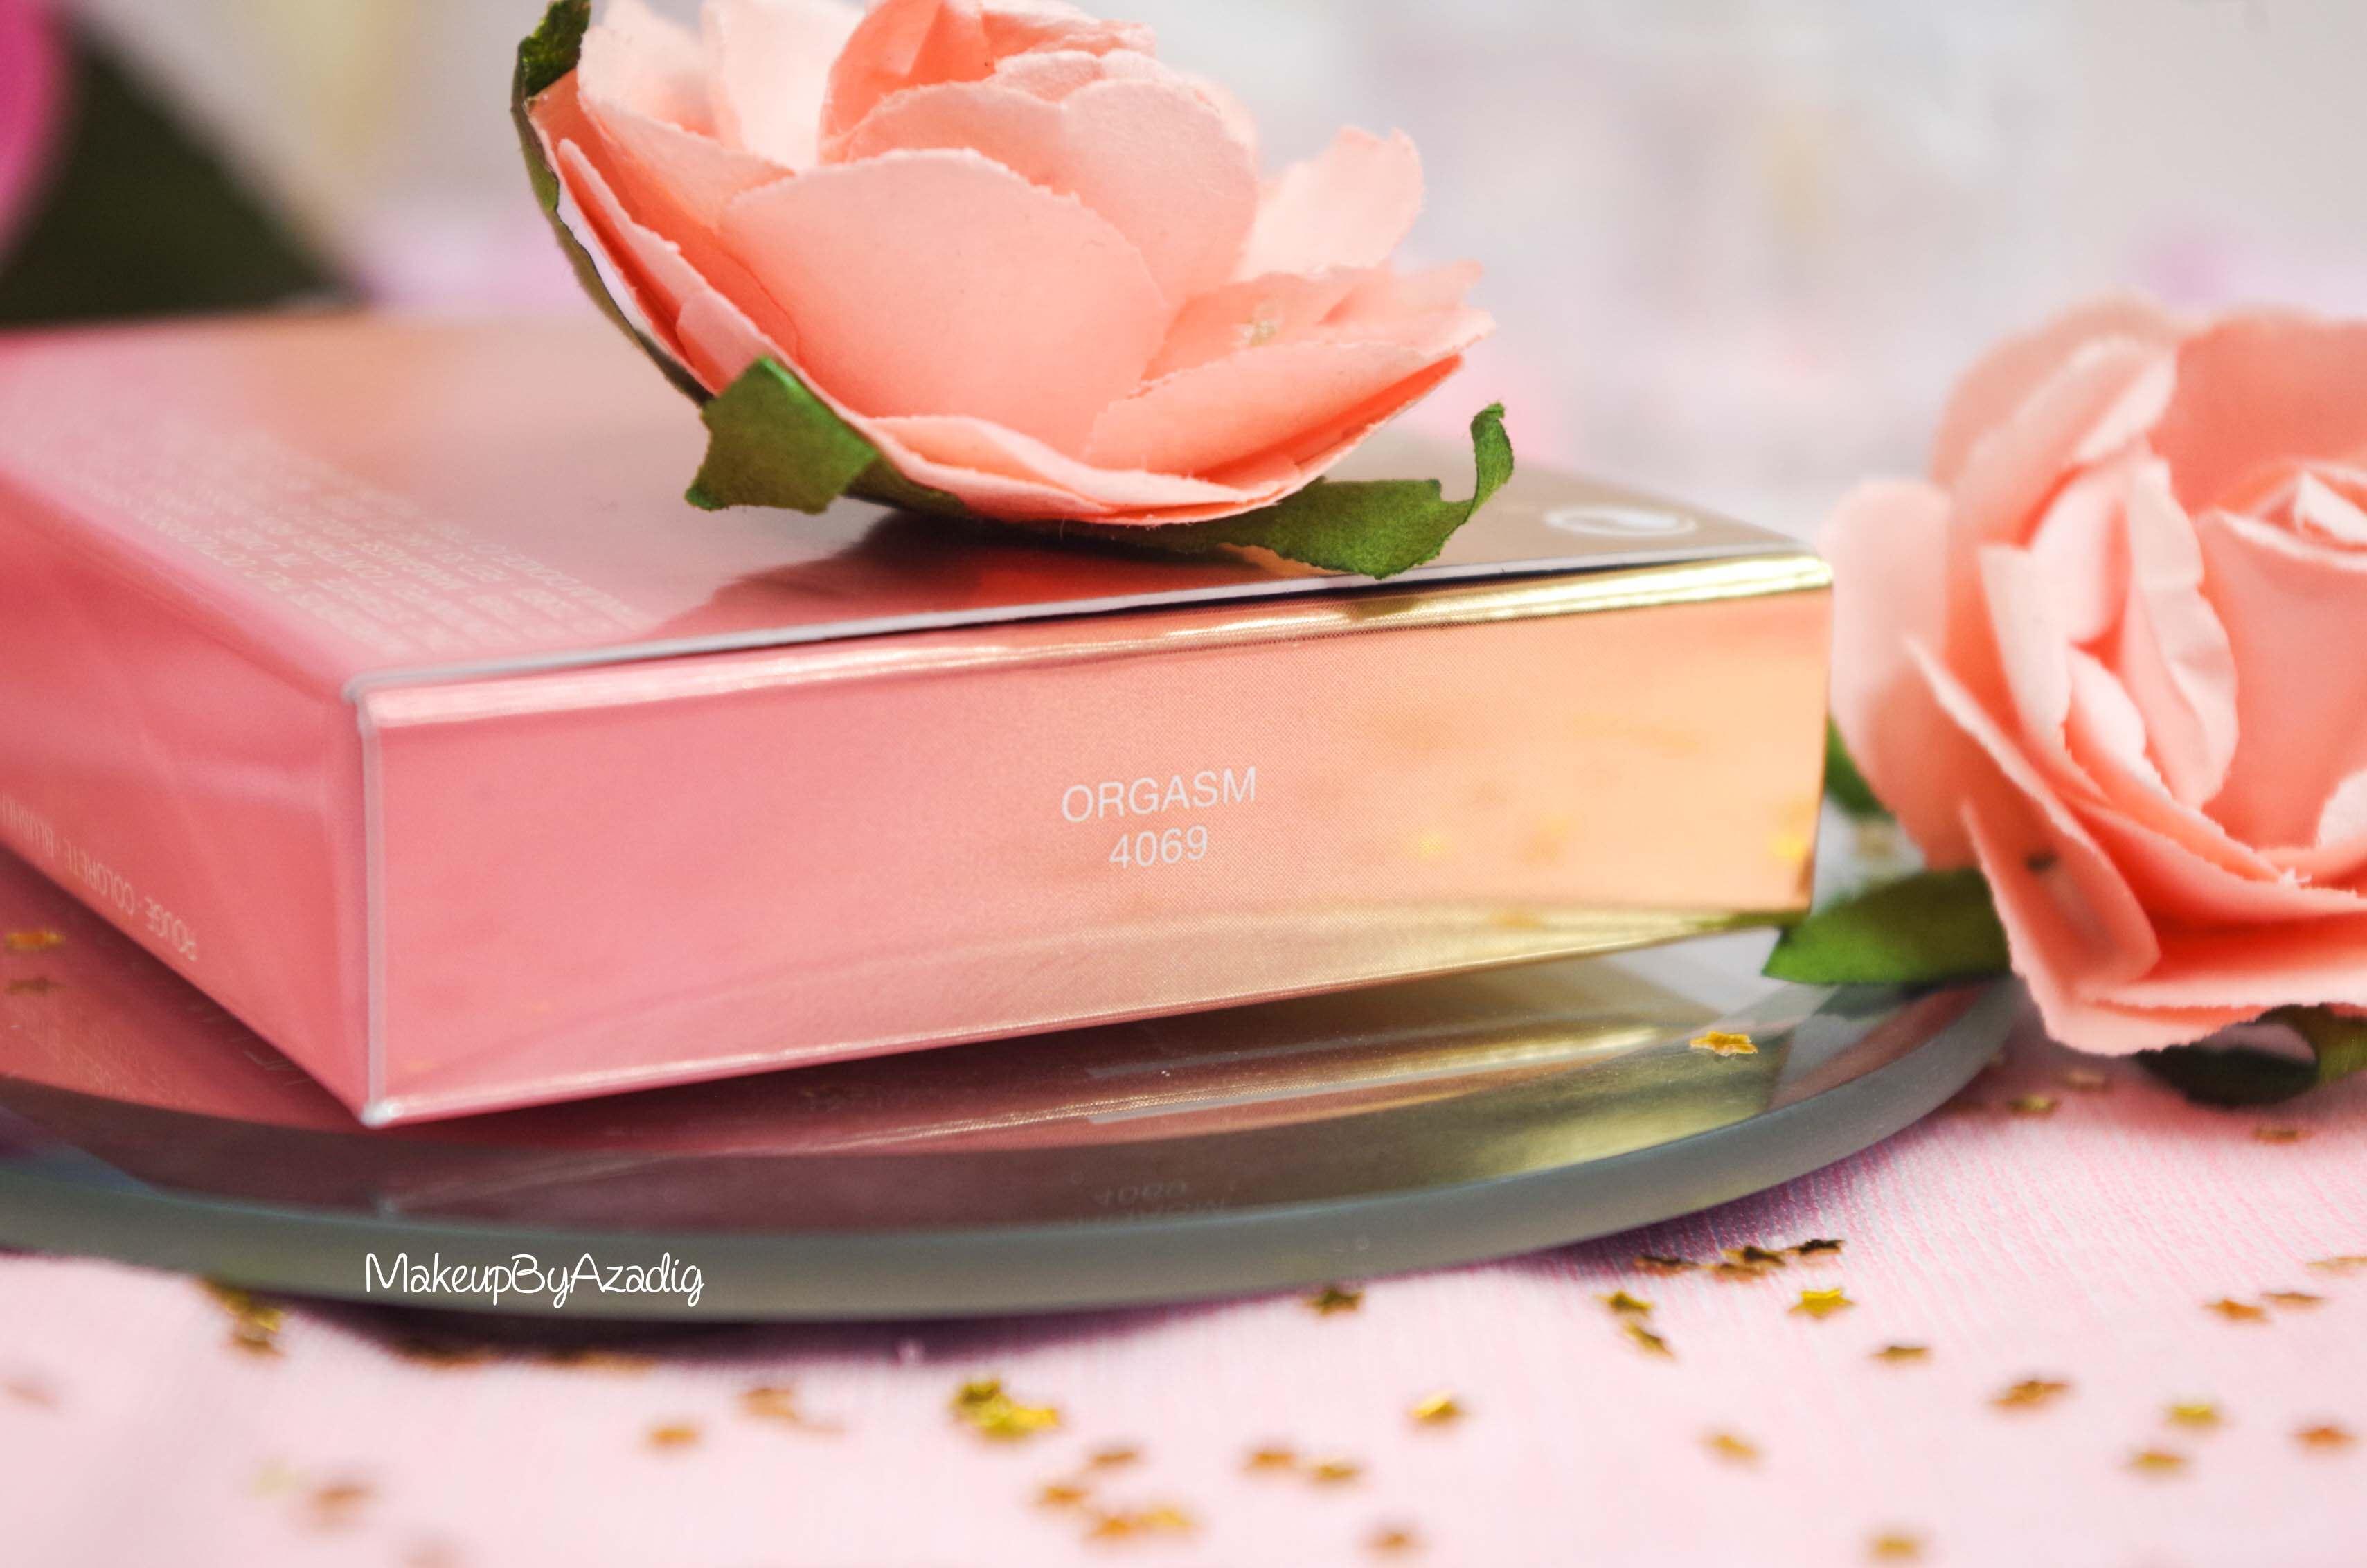 blush-liquide-orgasm-rouge-a-levres-illuminateur-highlighter-rosegold-nars-couleur-makeupbyazadig